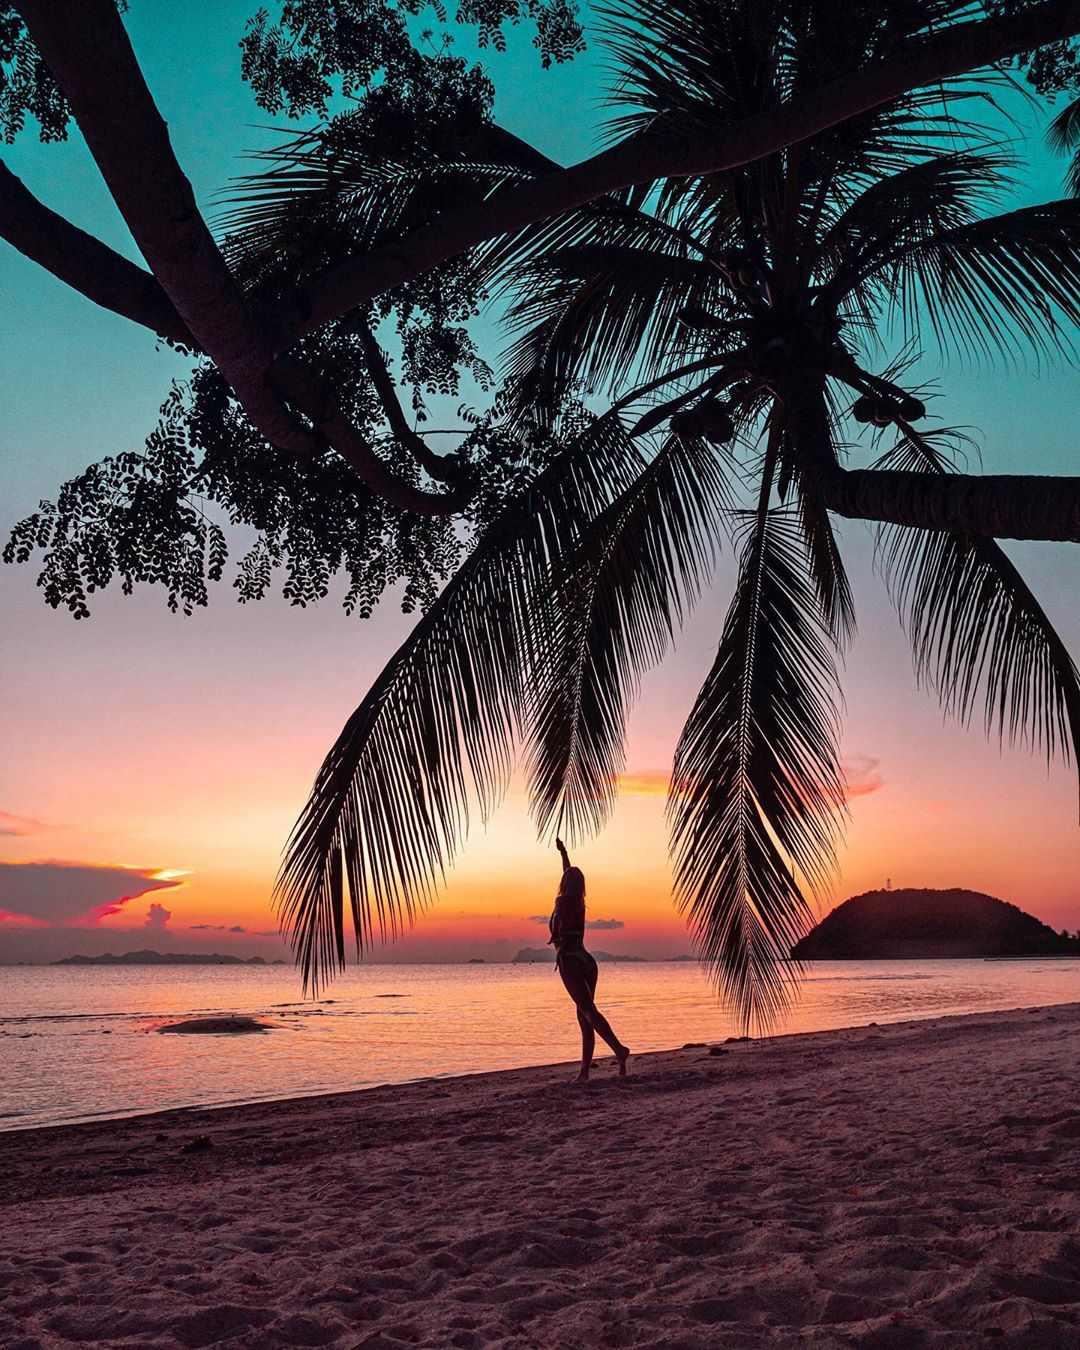 Mooie zonsondergang op koh samui